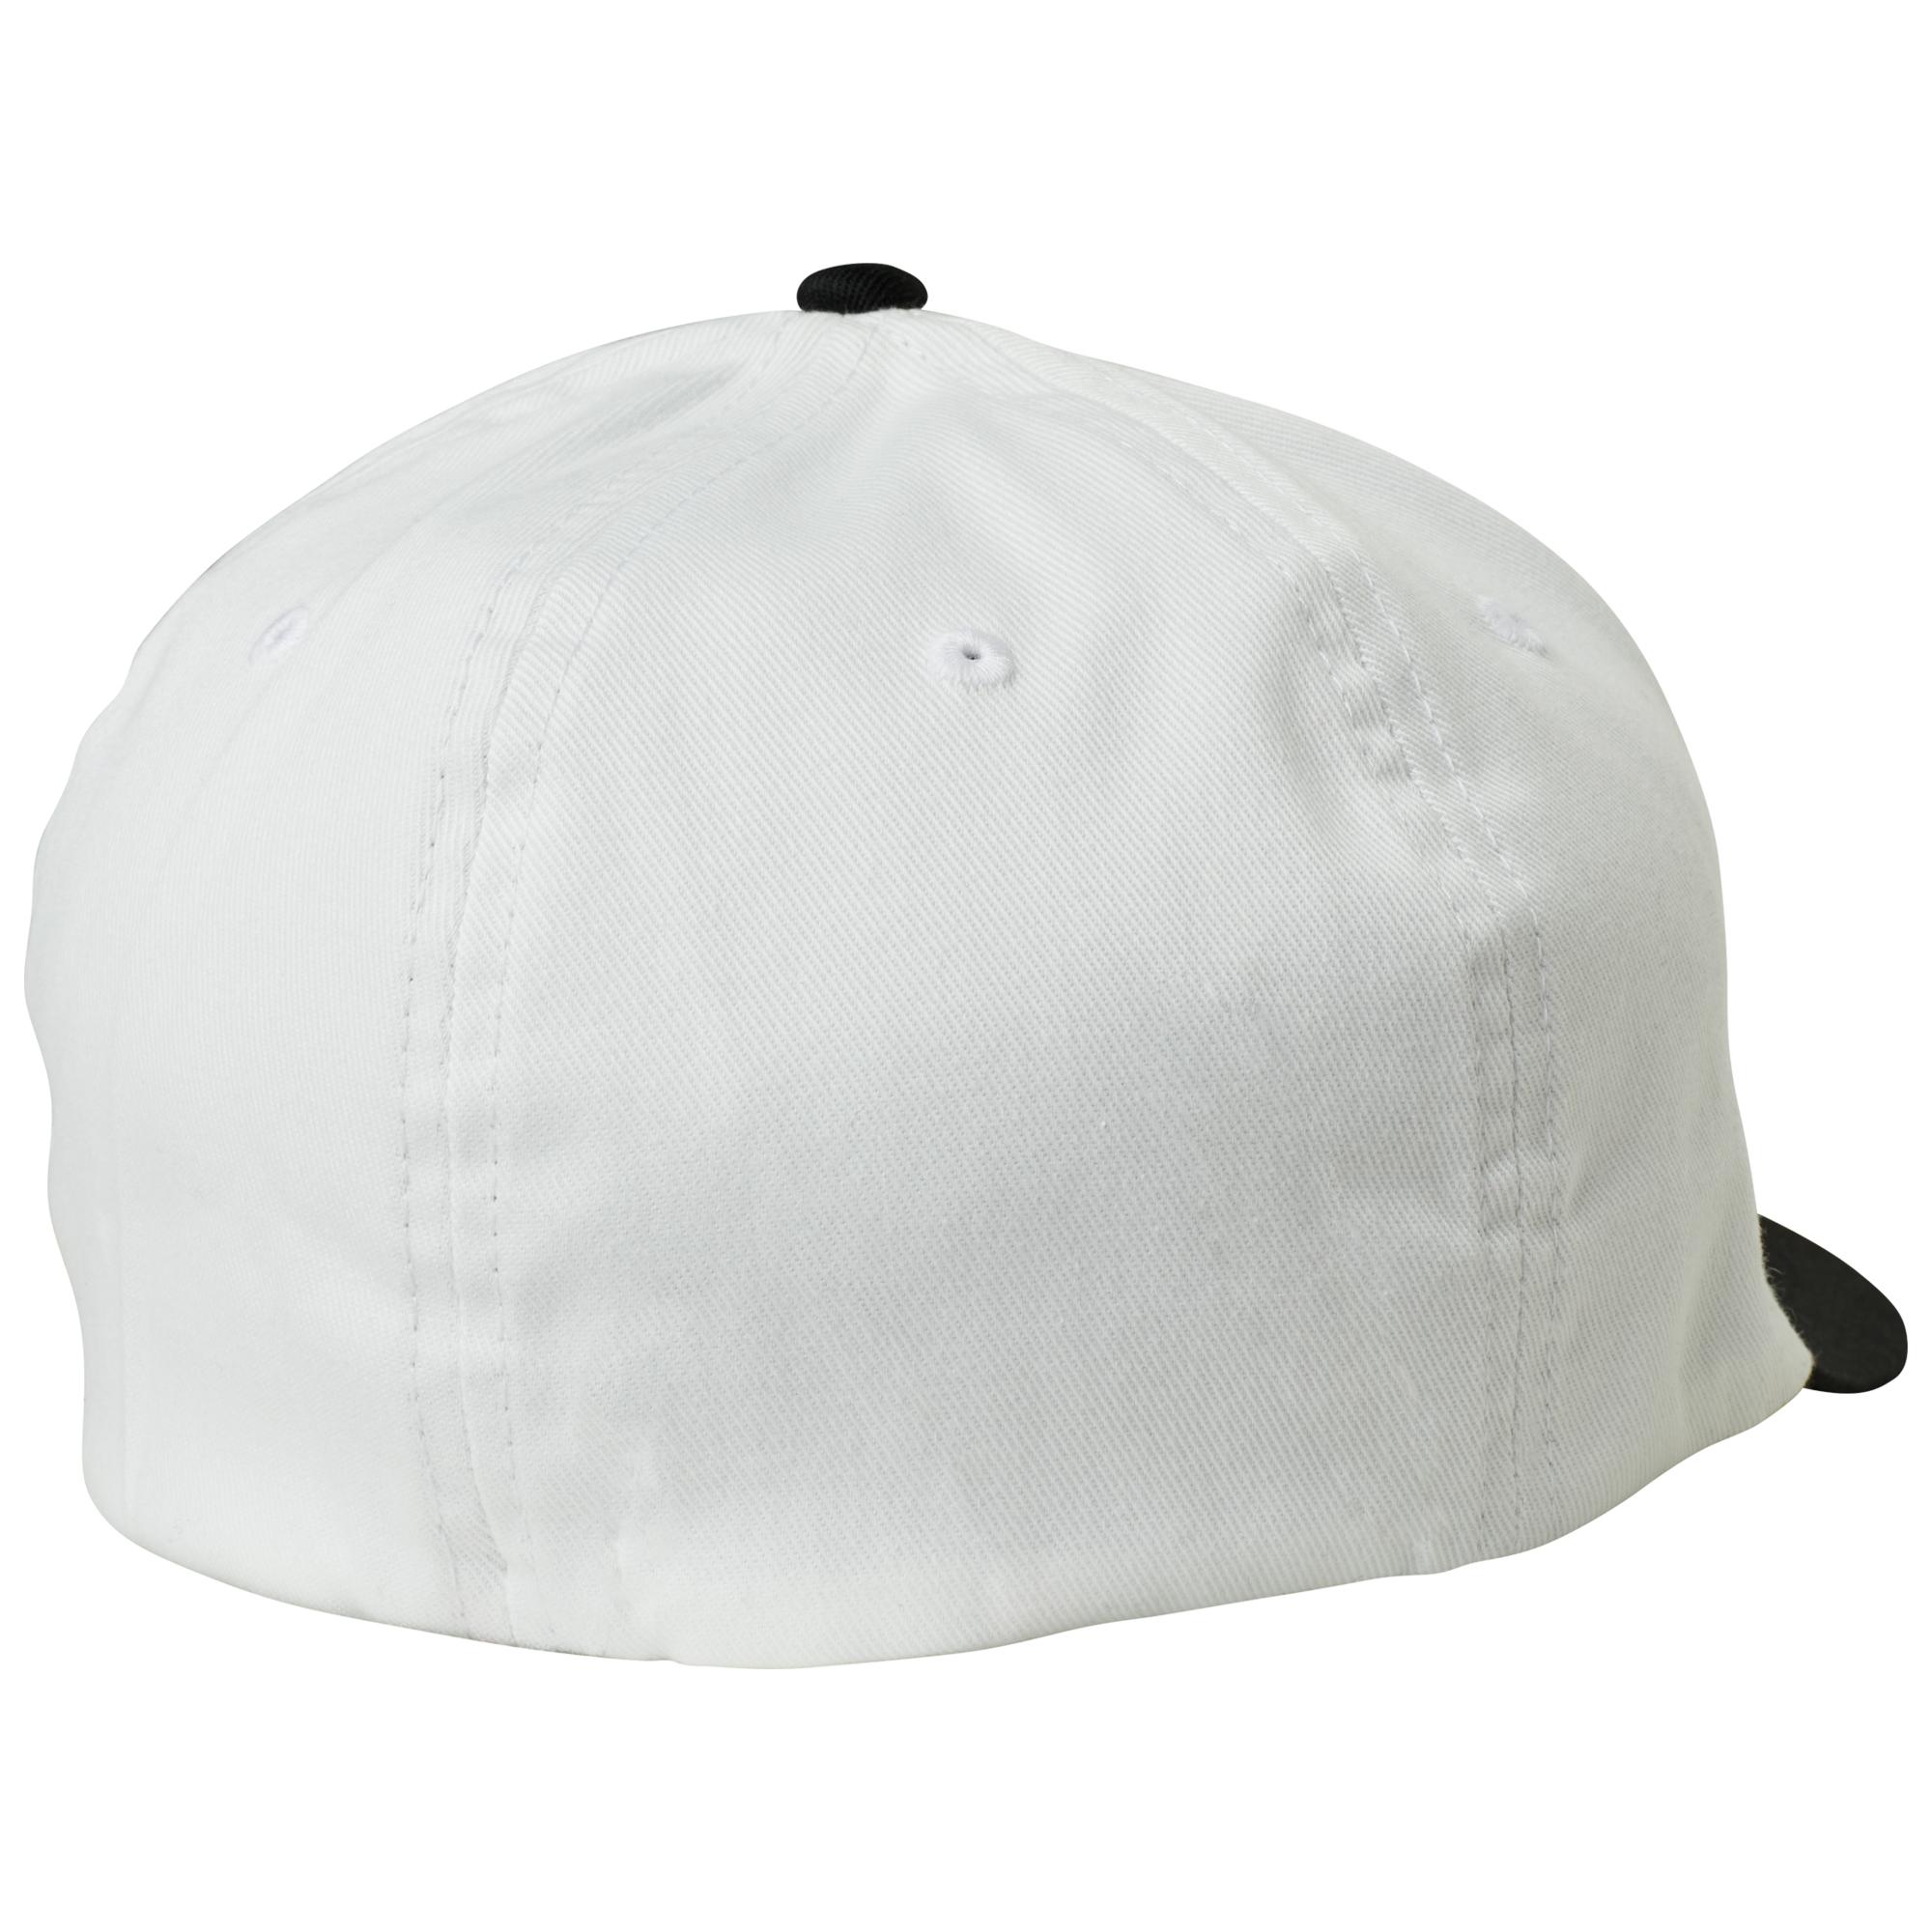 36a329b54716b Fox Racing Cap Hat Epicycle Flexfit White L xl 21977 for sale online ...